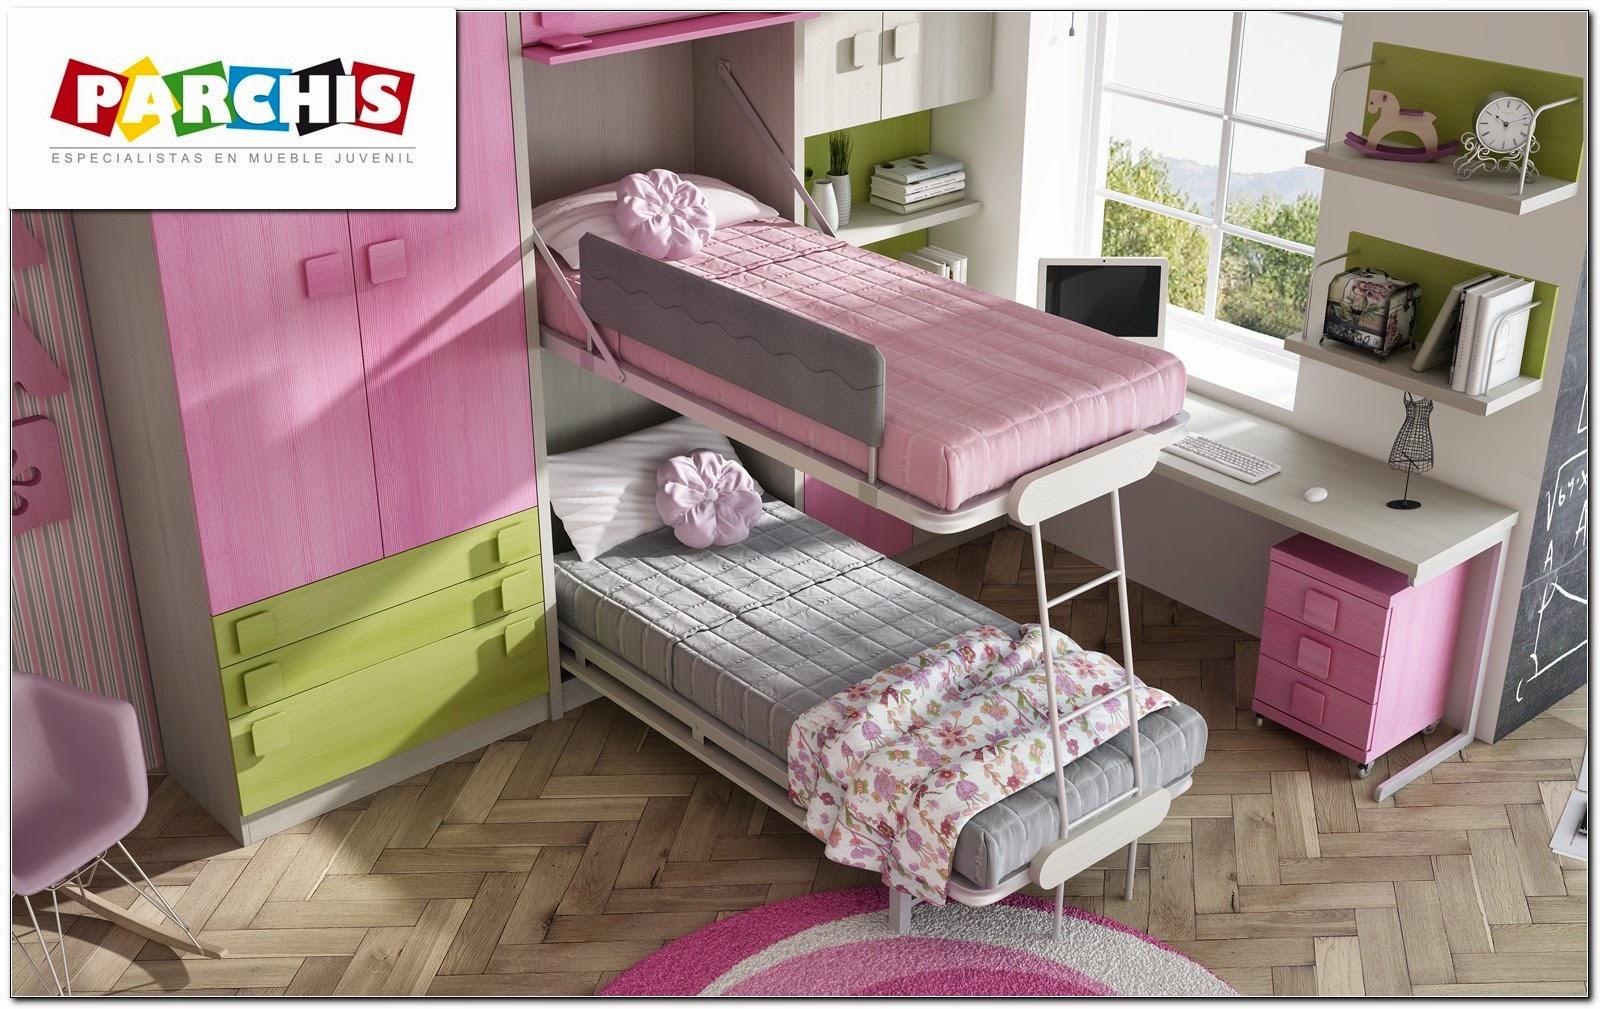 Cama mesa abatible camas autoportantes literas for Cama escondida en mueble